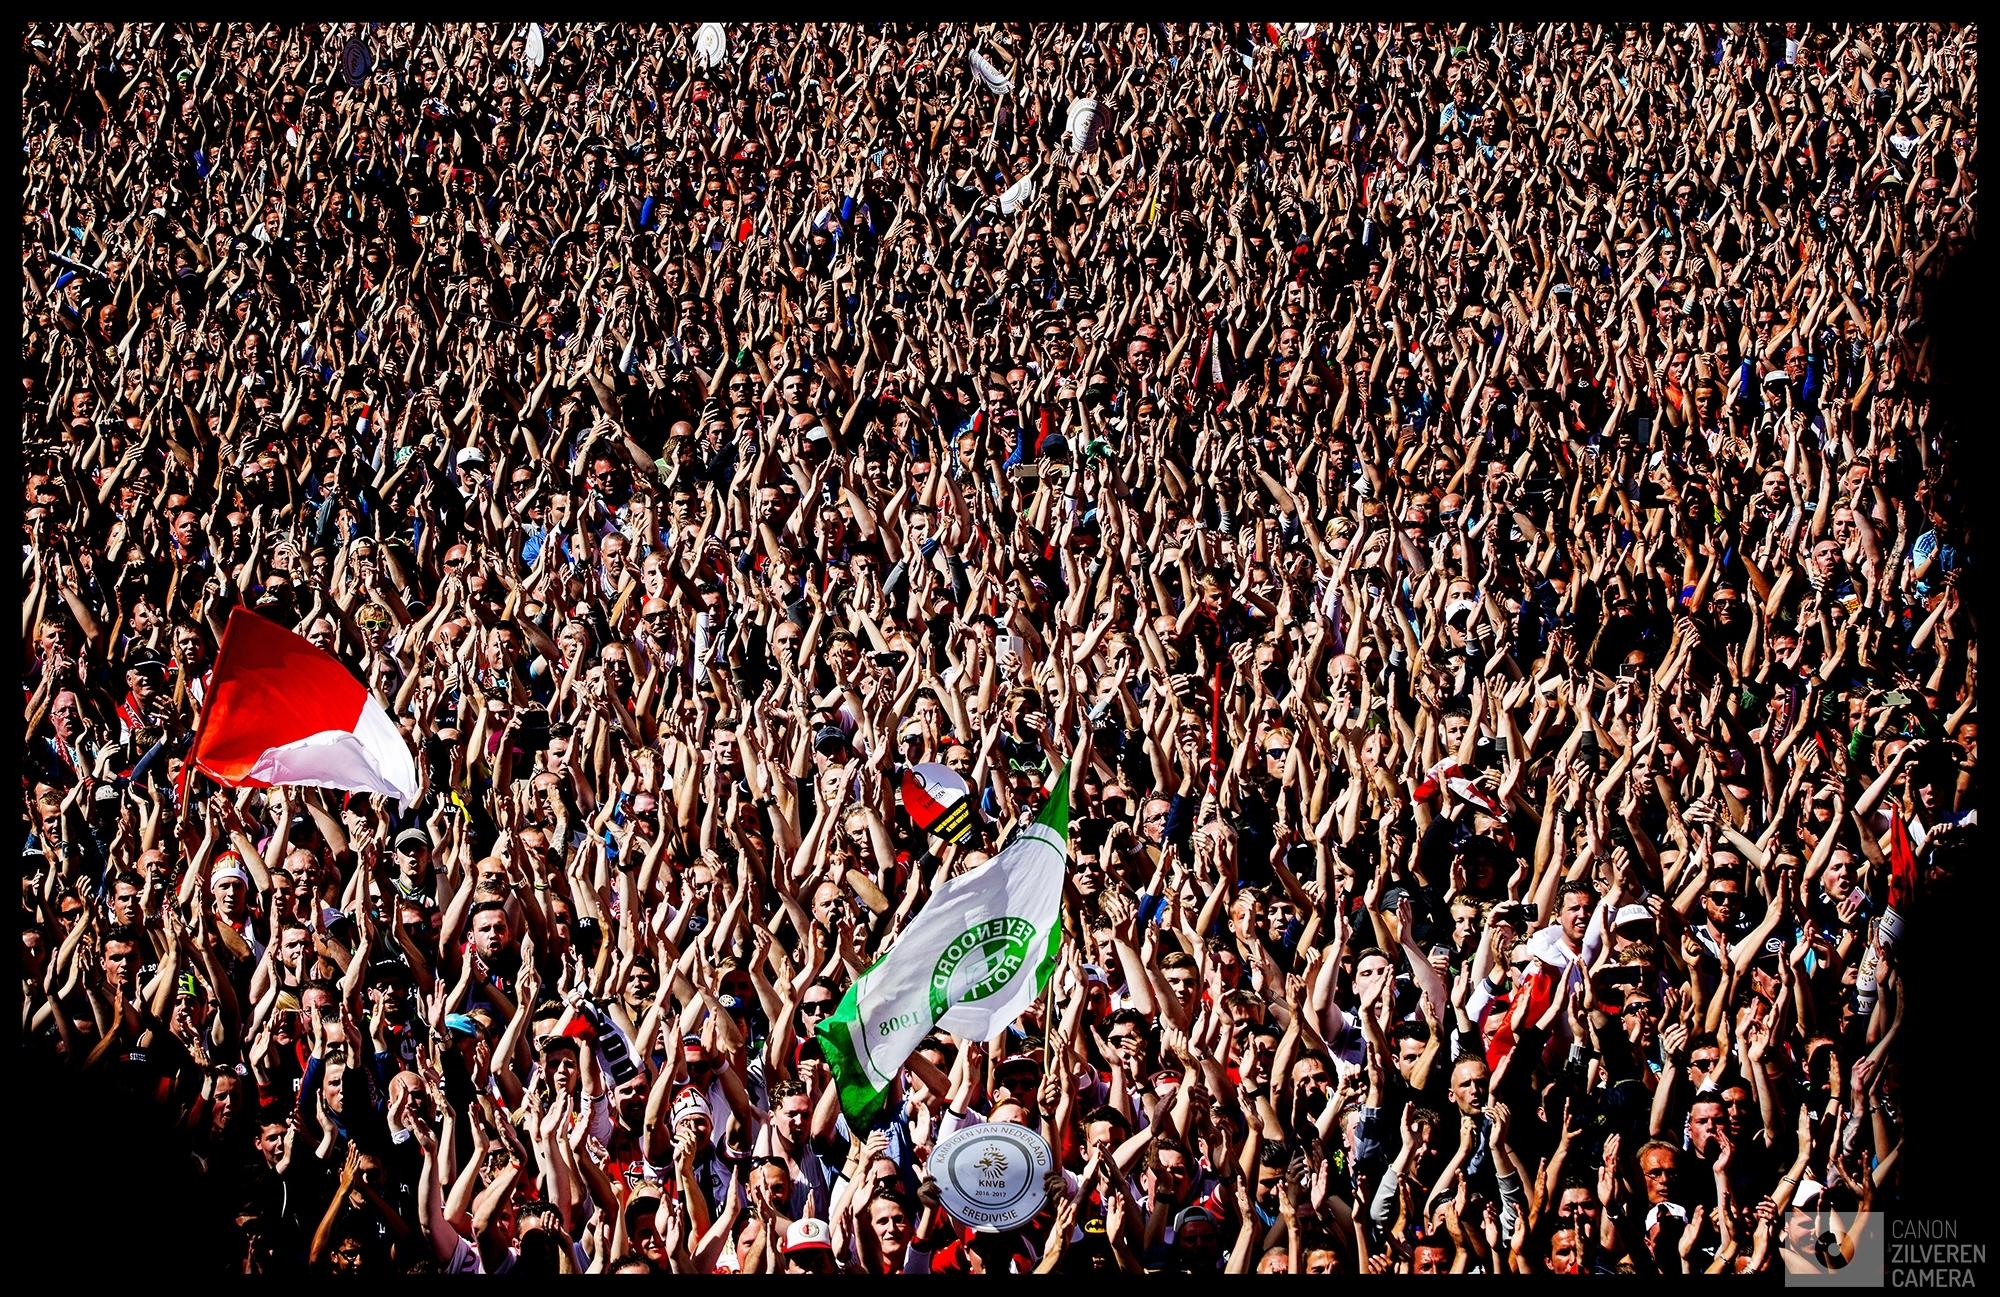 Nederland, Rotterdam, 15-05-2017Serie landskampioenschap Feyenoord seizoen 2016/2017Foto 8Voor het balkon van het Rotterdamse stadhuis kunnen de Rotterdammers doen waar zij 18 jaar op gewacht hebben; Het schreeuwen en juichen  naar hun Kampioenen die vanaf het bordes de kampioensschaal tonen.